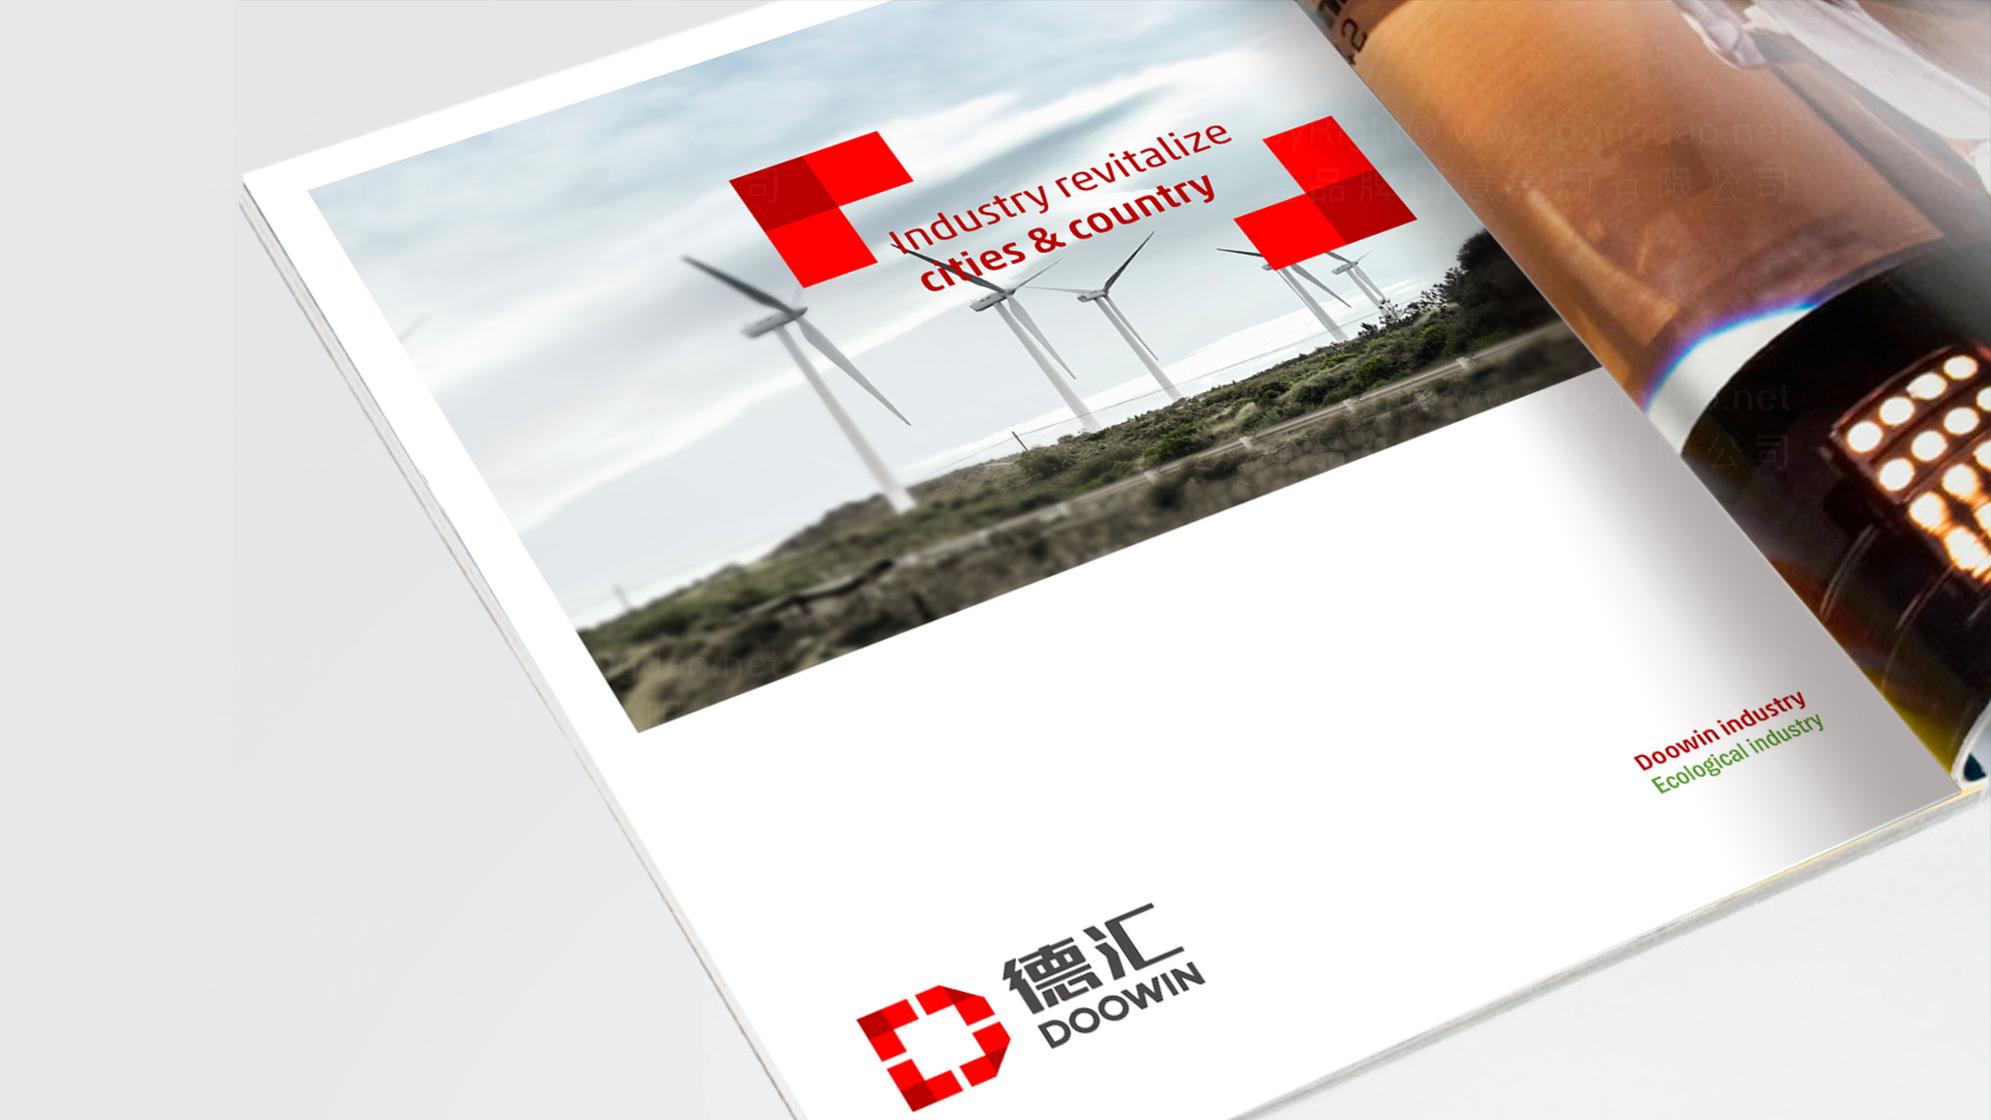 品牌设计德汇集团标志设计应用场景_1